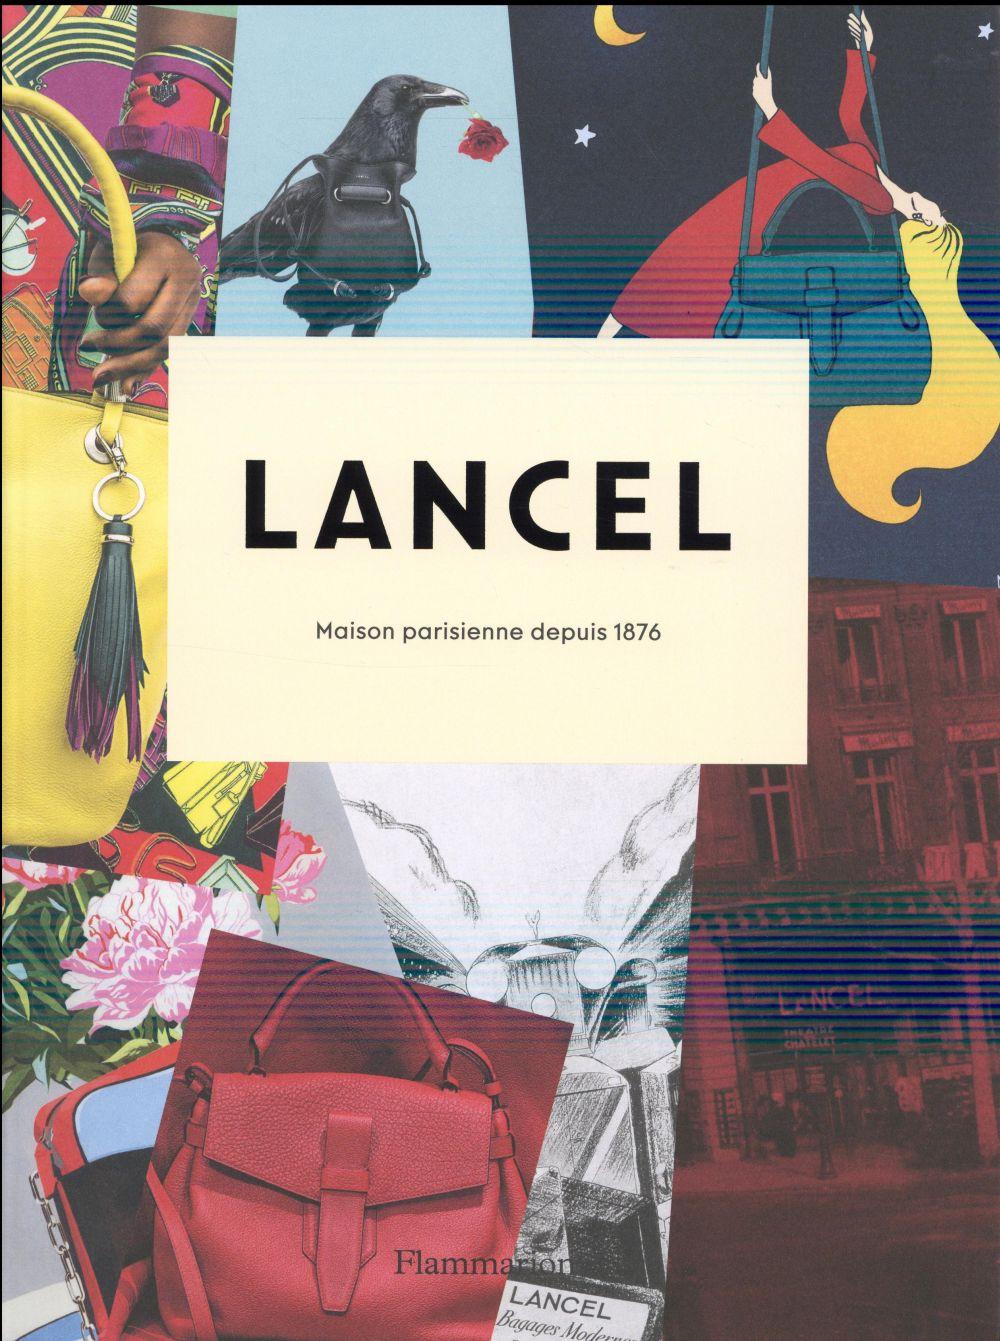 Lancel, maison parisienne depuis 1876